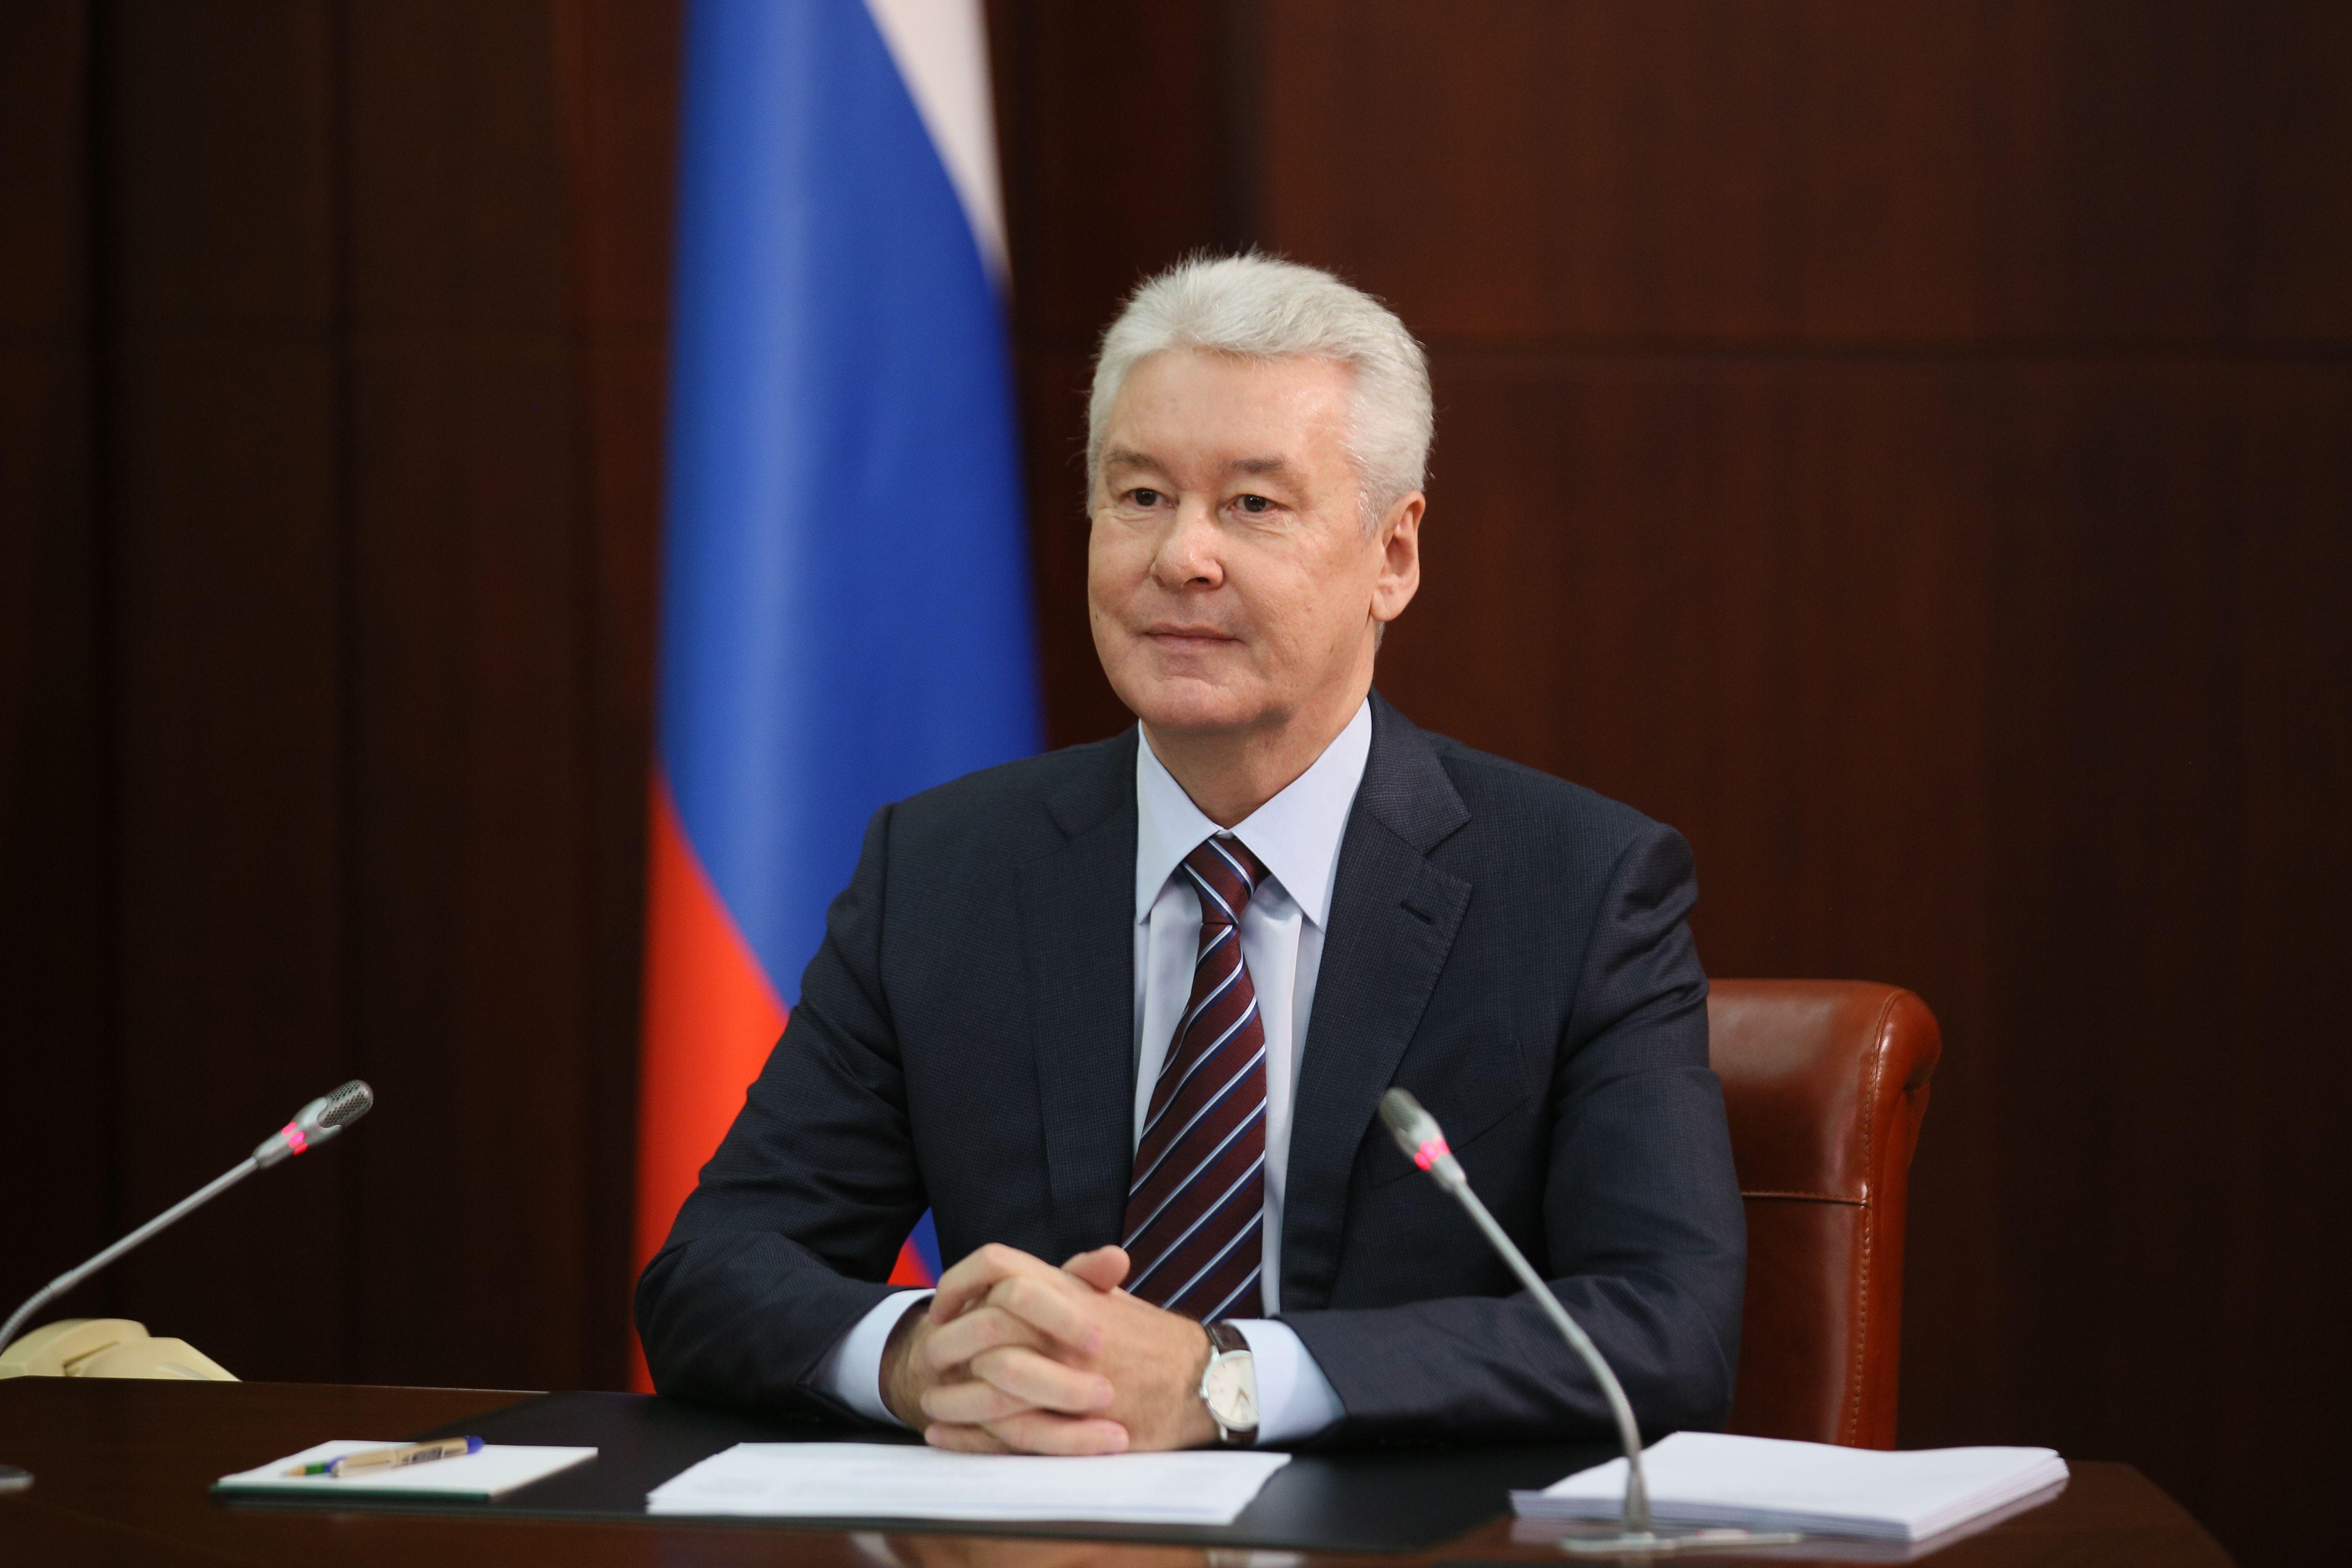 Собянин анонсировал досрочное открытие развязки МКАД с улицей Генерала Дорохова